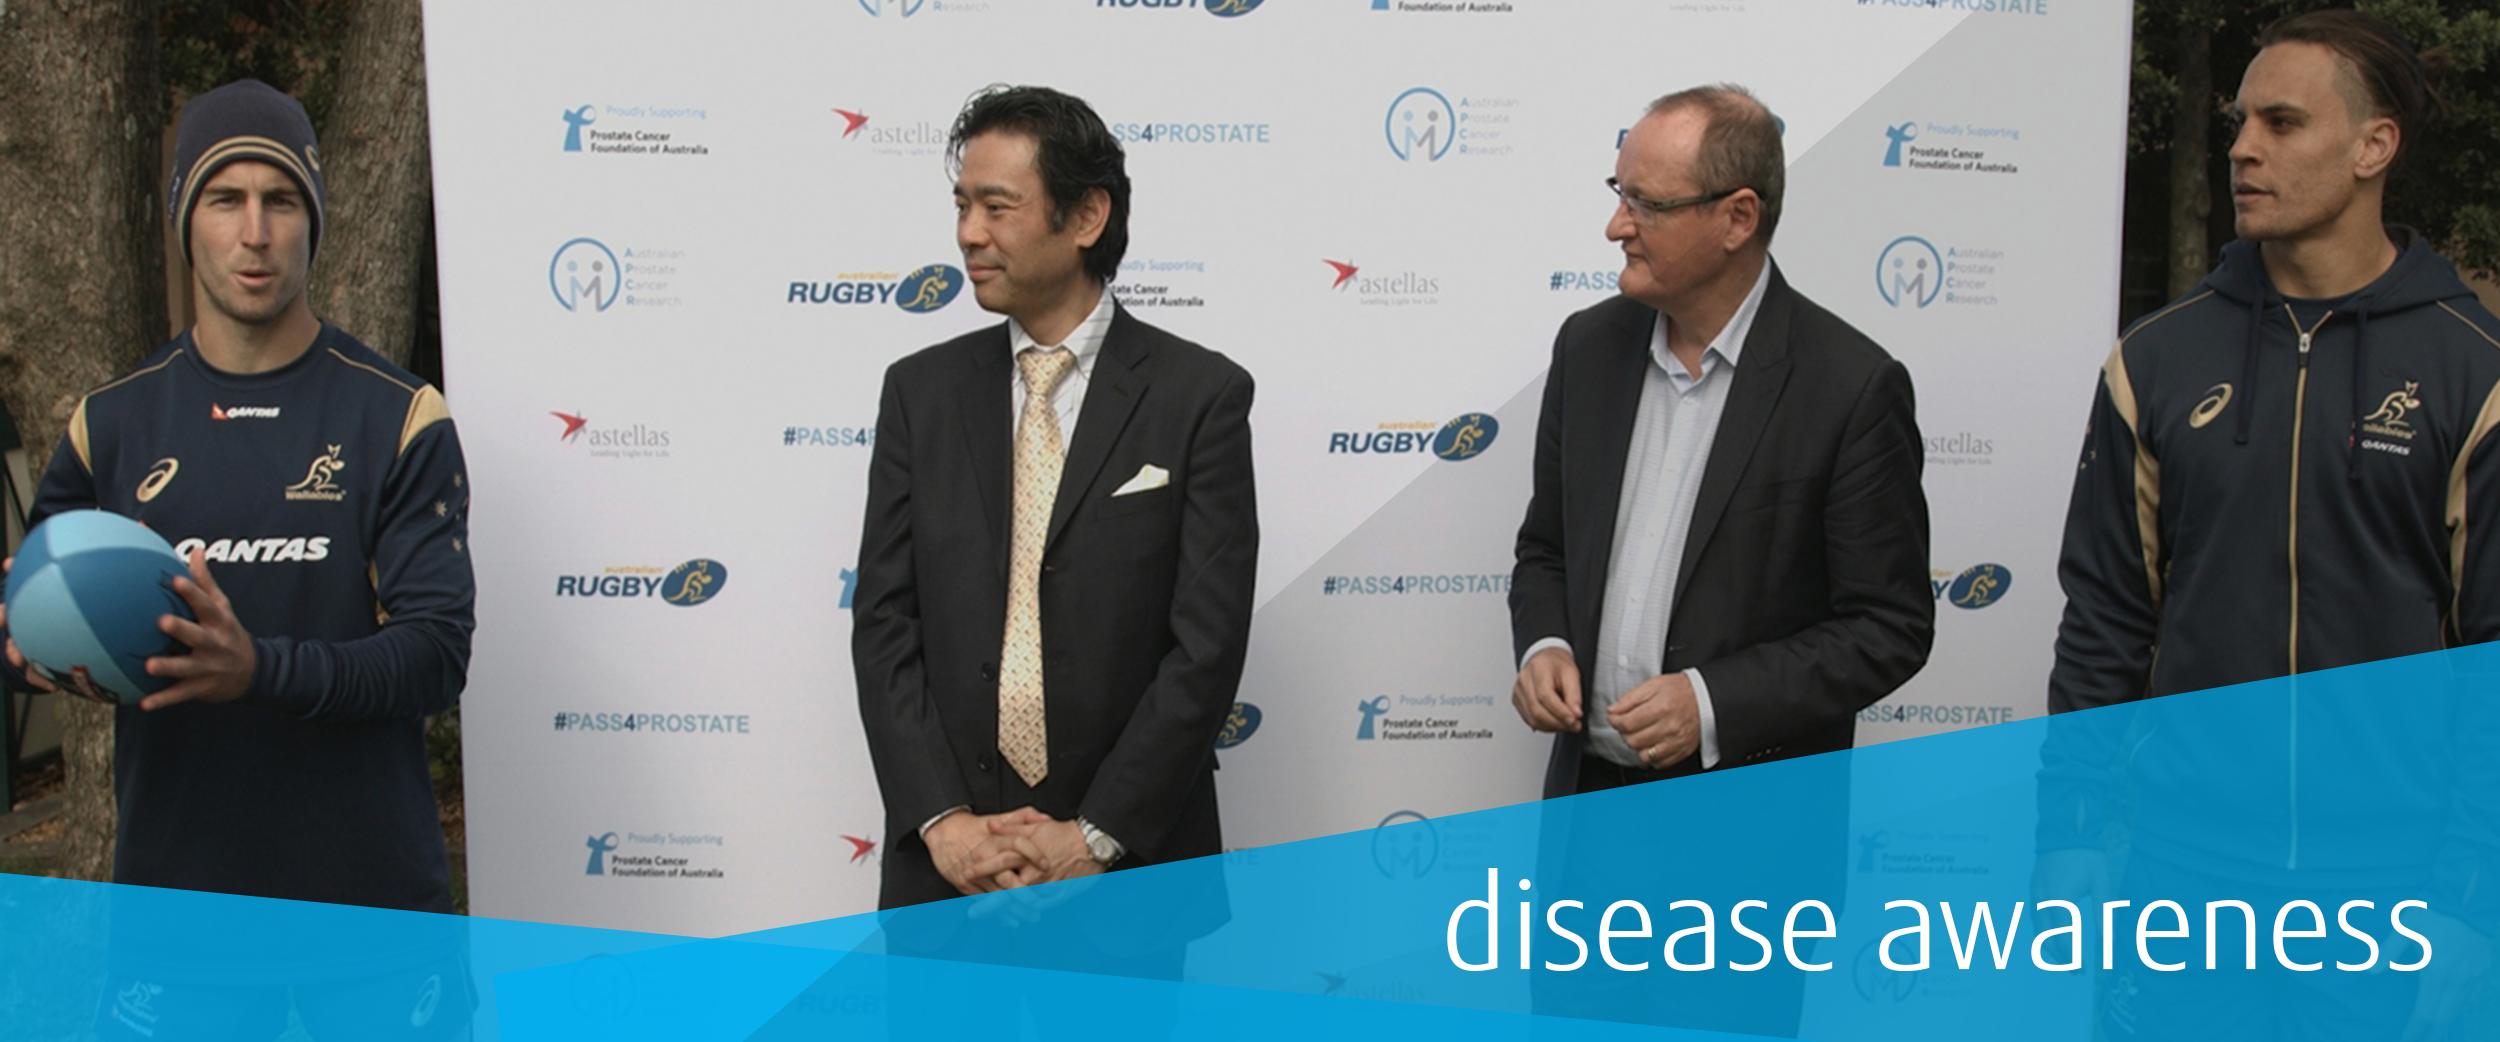 disease-awareness-New-Website-Banner